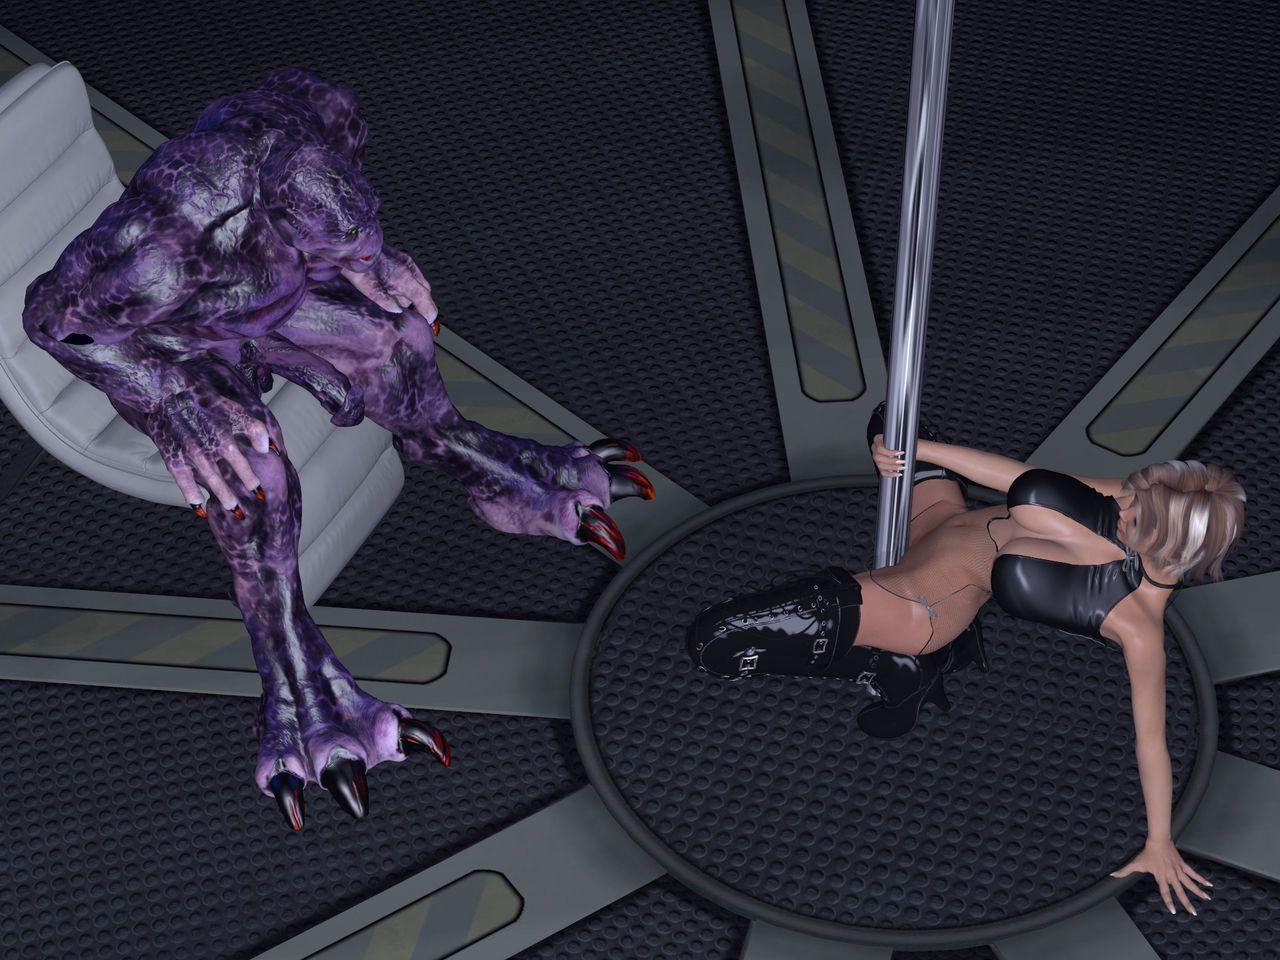 [Dizzydills] Striptease in space.